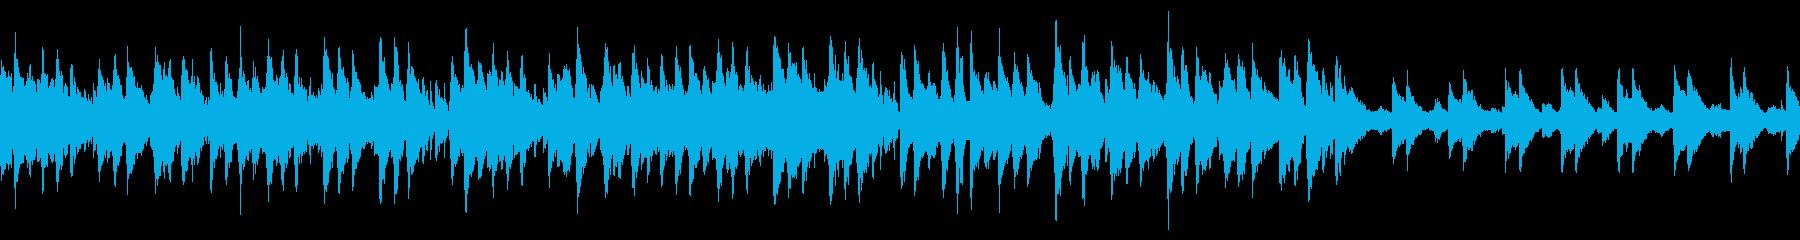 ビブラフォンメロディーのゆったりジャズの再生済みの波形